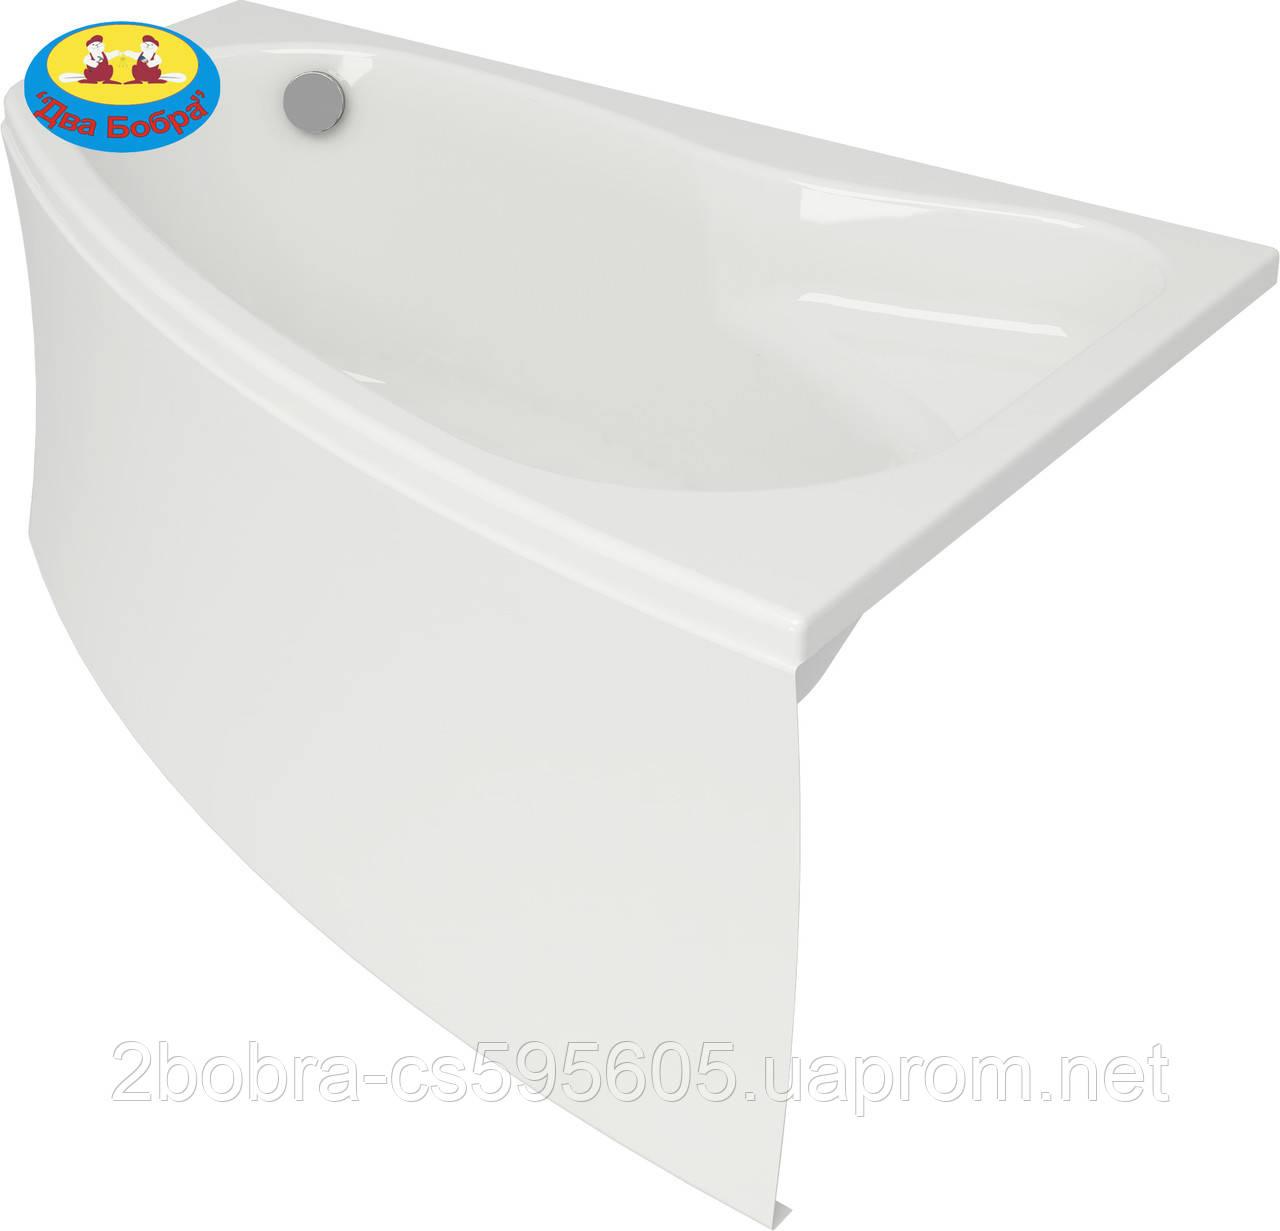 Ванна Акрилова Асиметрична Кутова Sicilia New | 170x100 | Cersanit